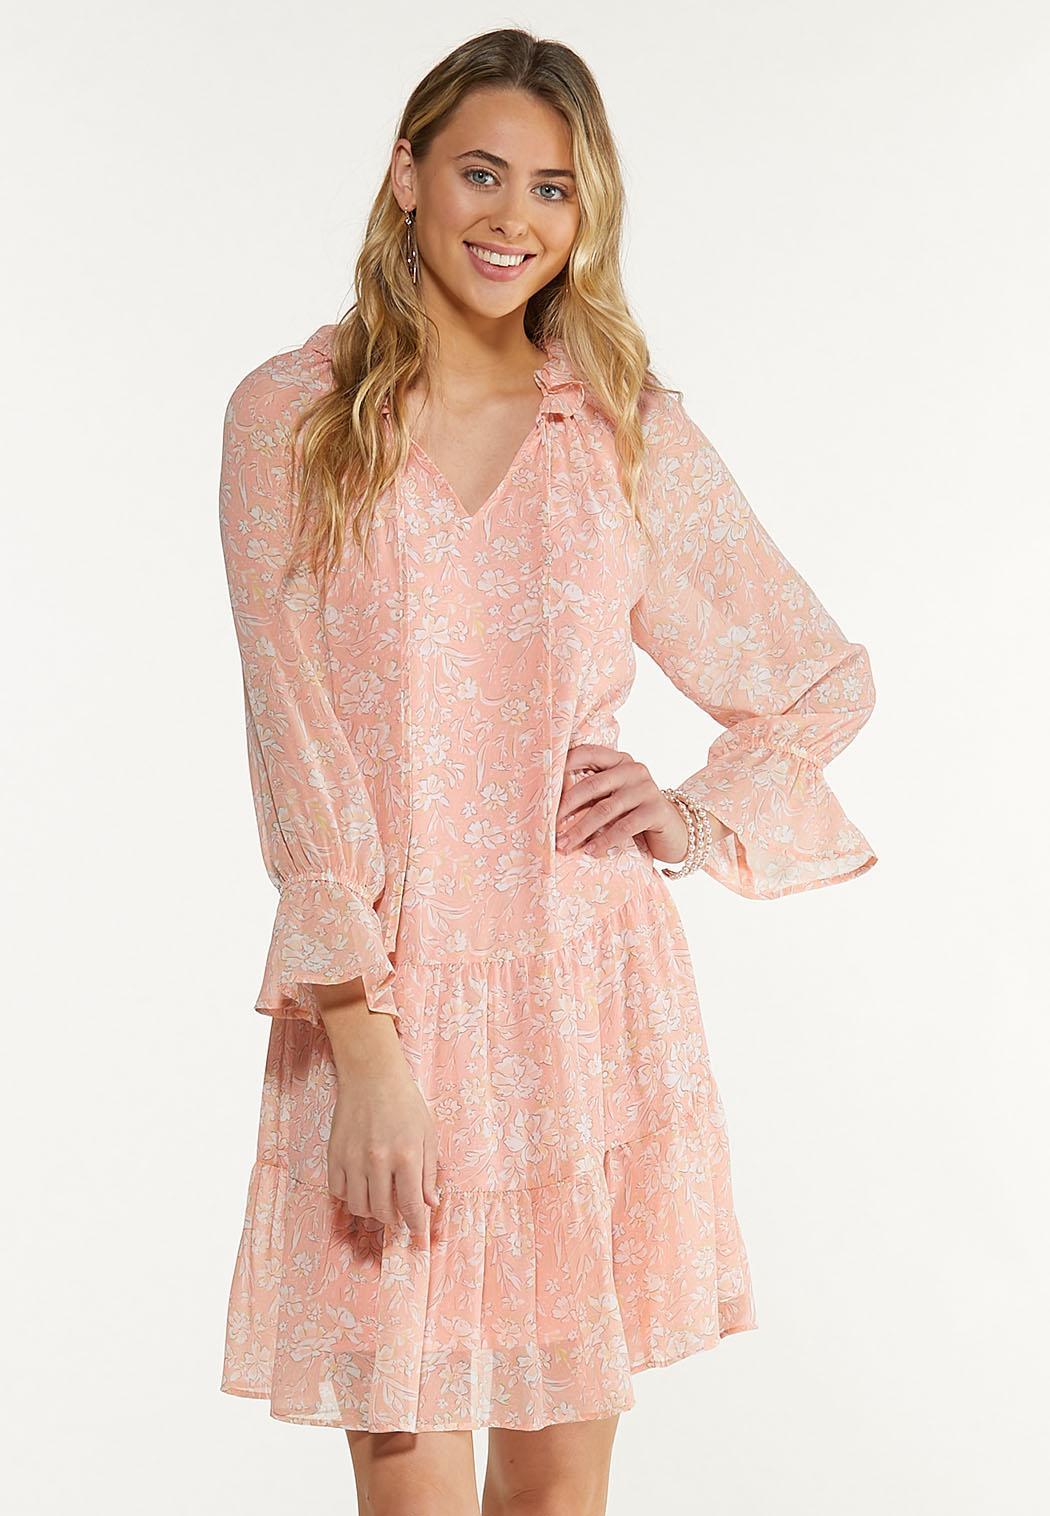 Peach Floral Babydoll Dress